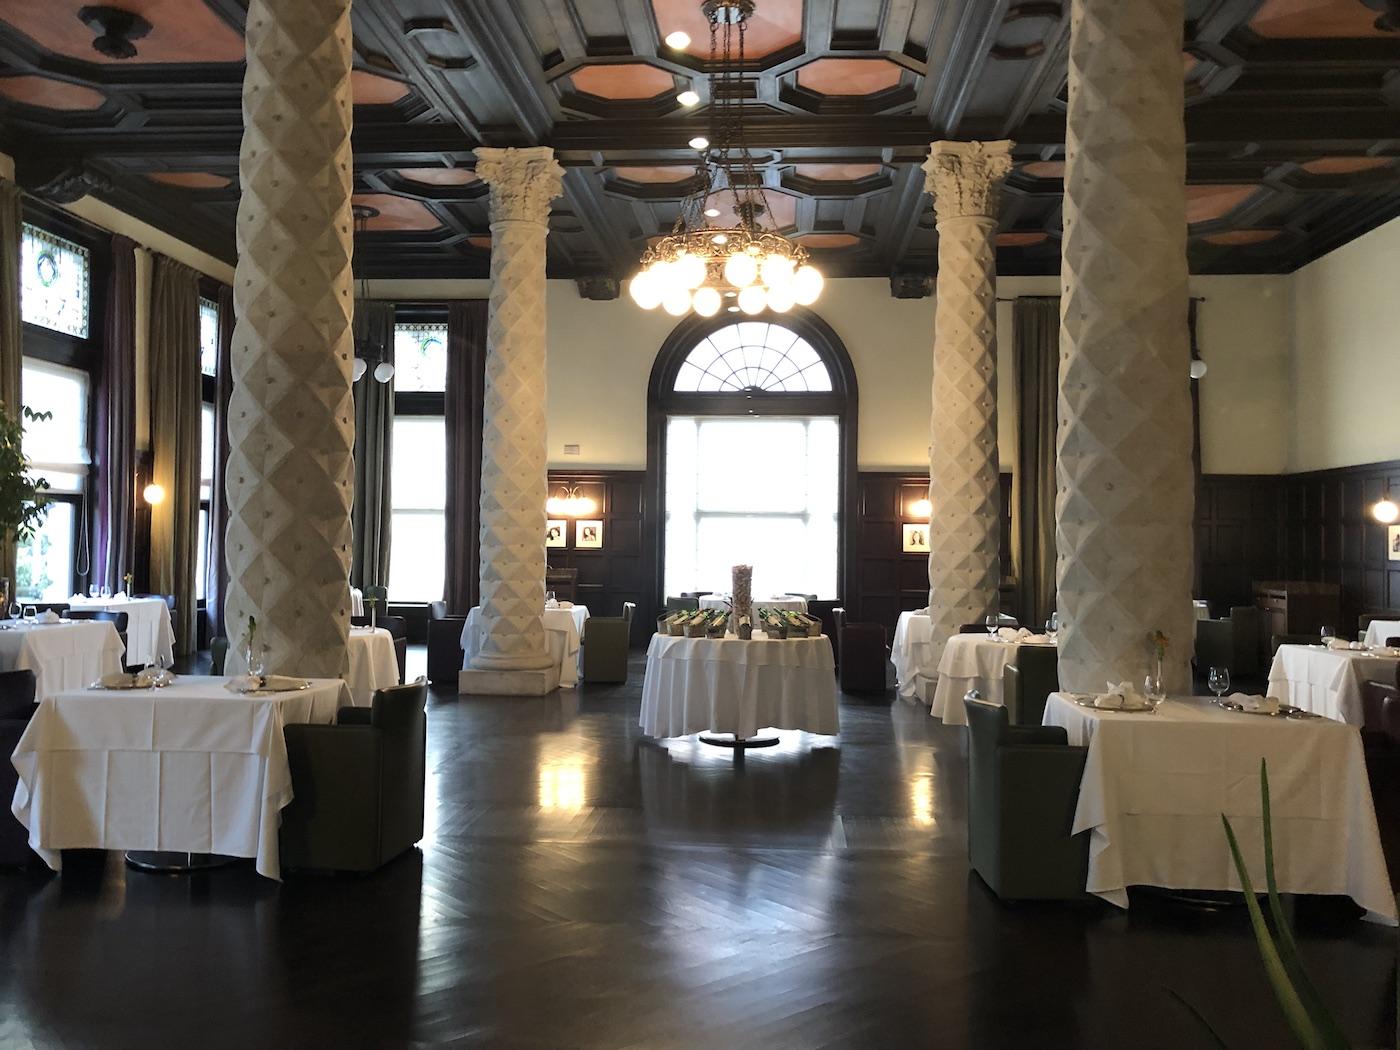 Il ristorante Sophia all'interno dell'hotel Kempinski Palace di Portorose